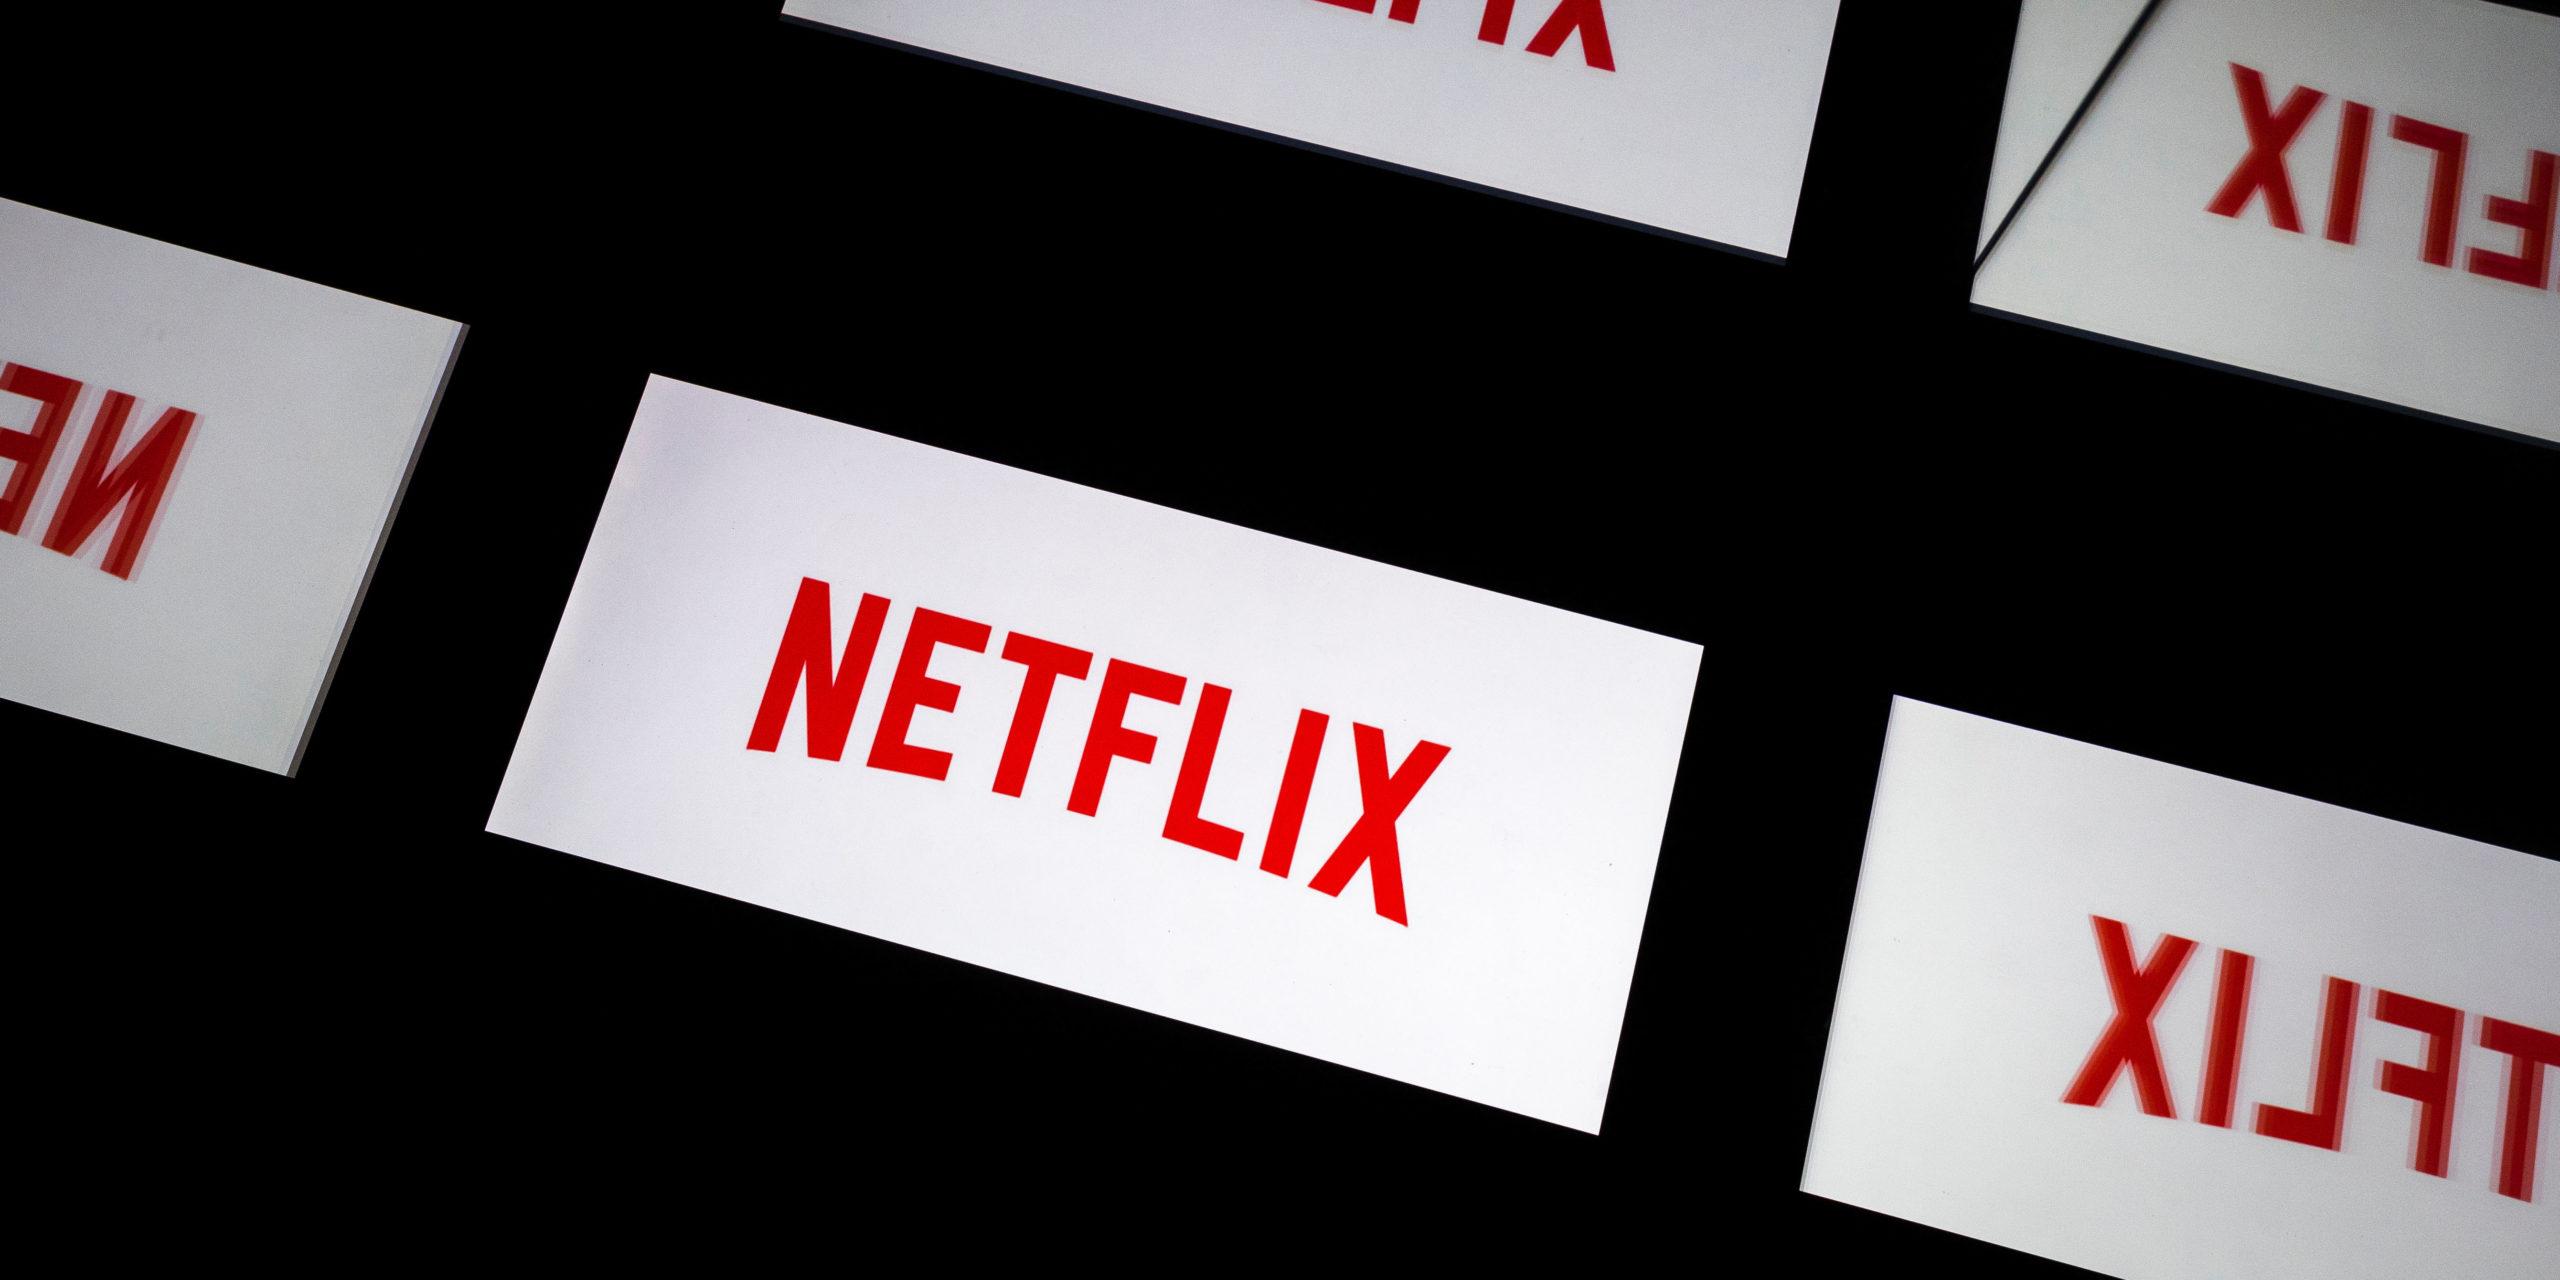 Les concurrents de Netflix préparent leur arrivée